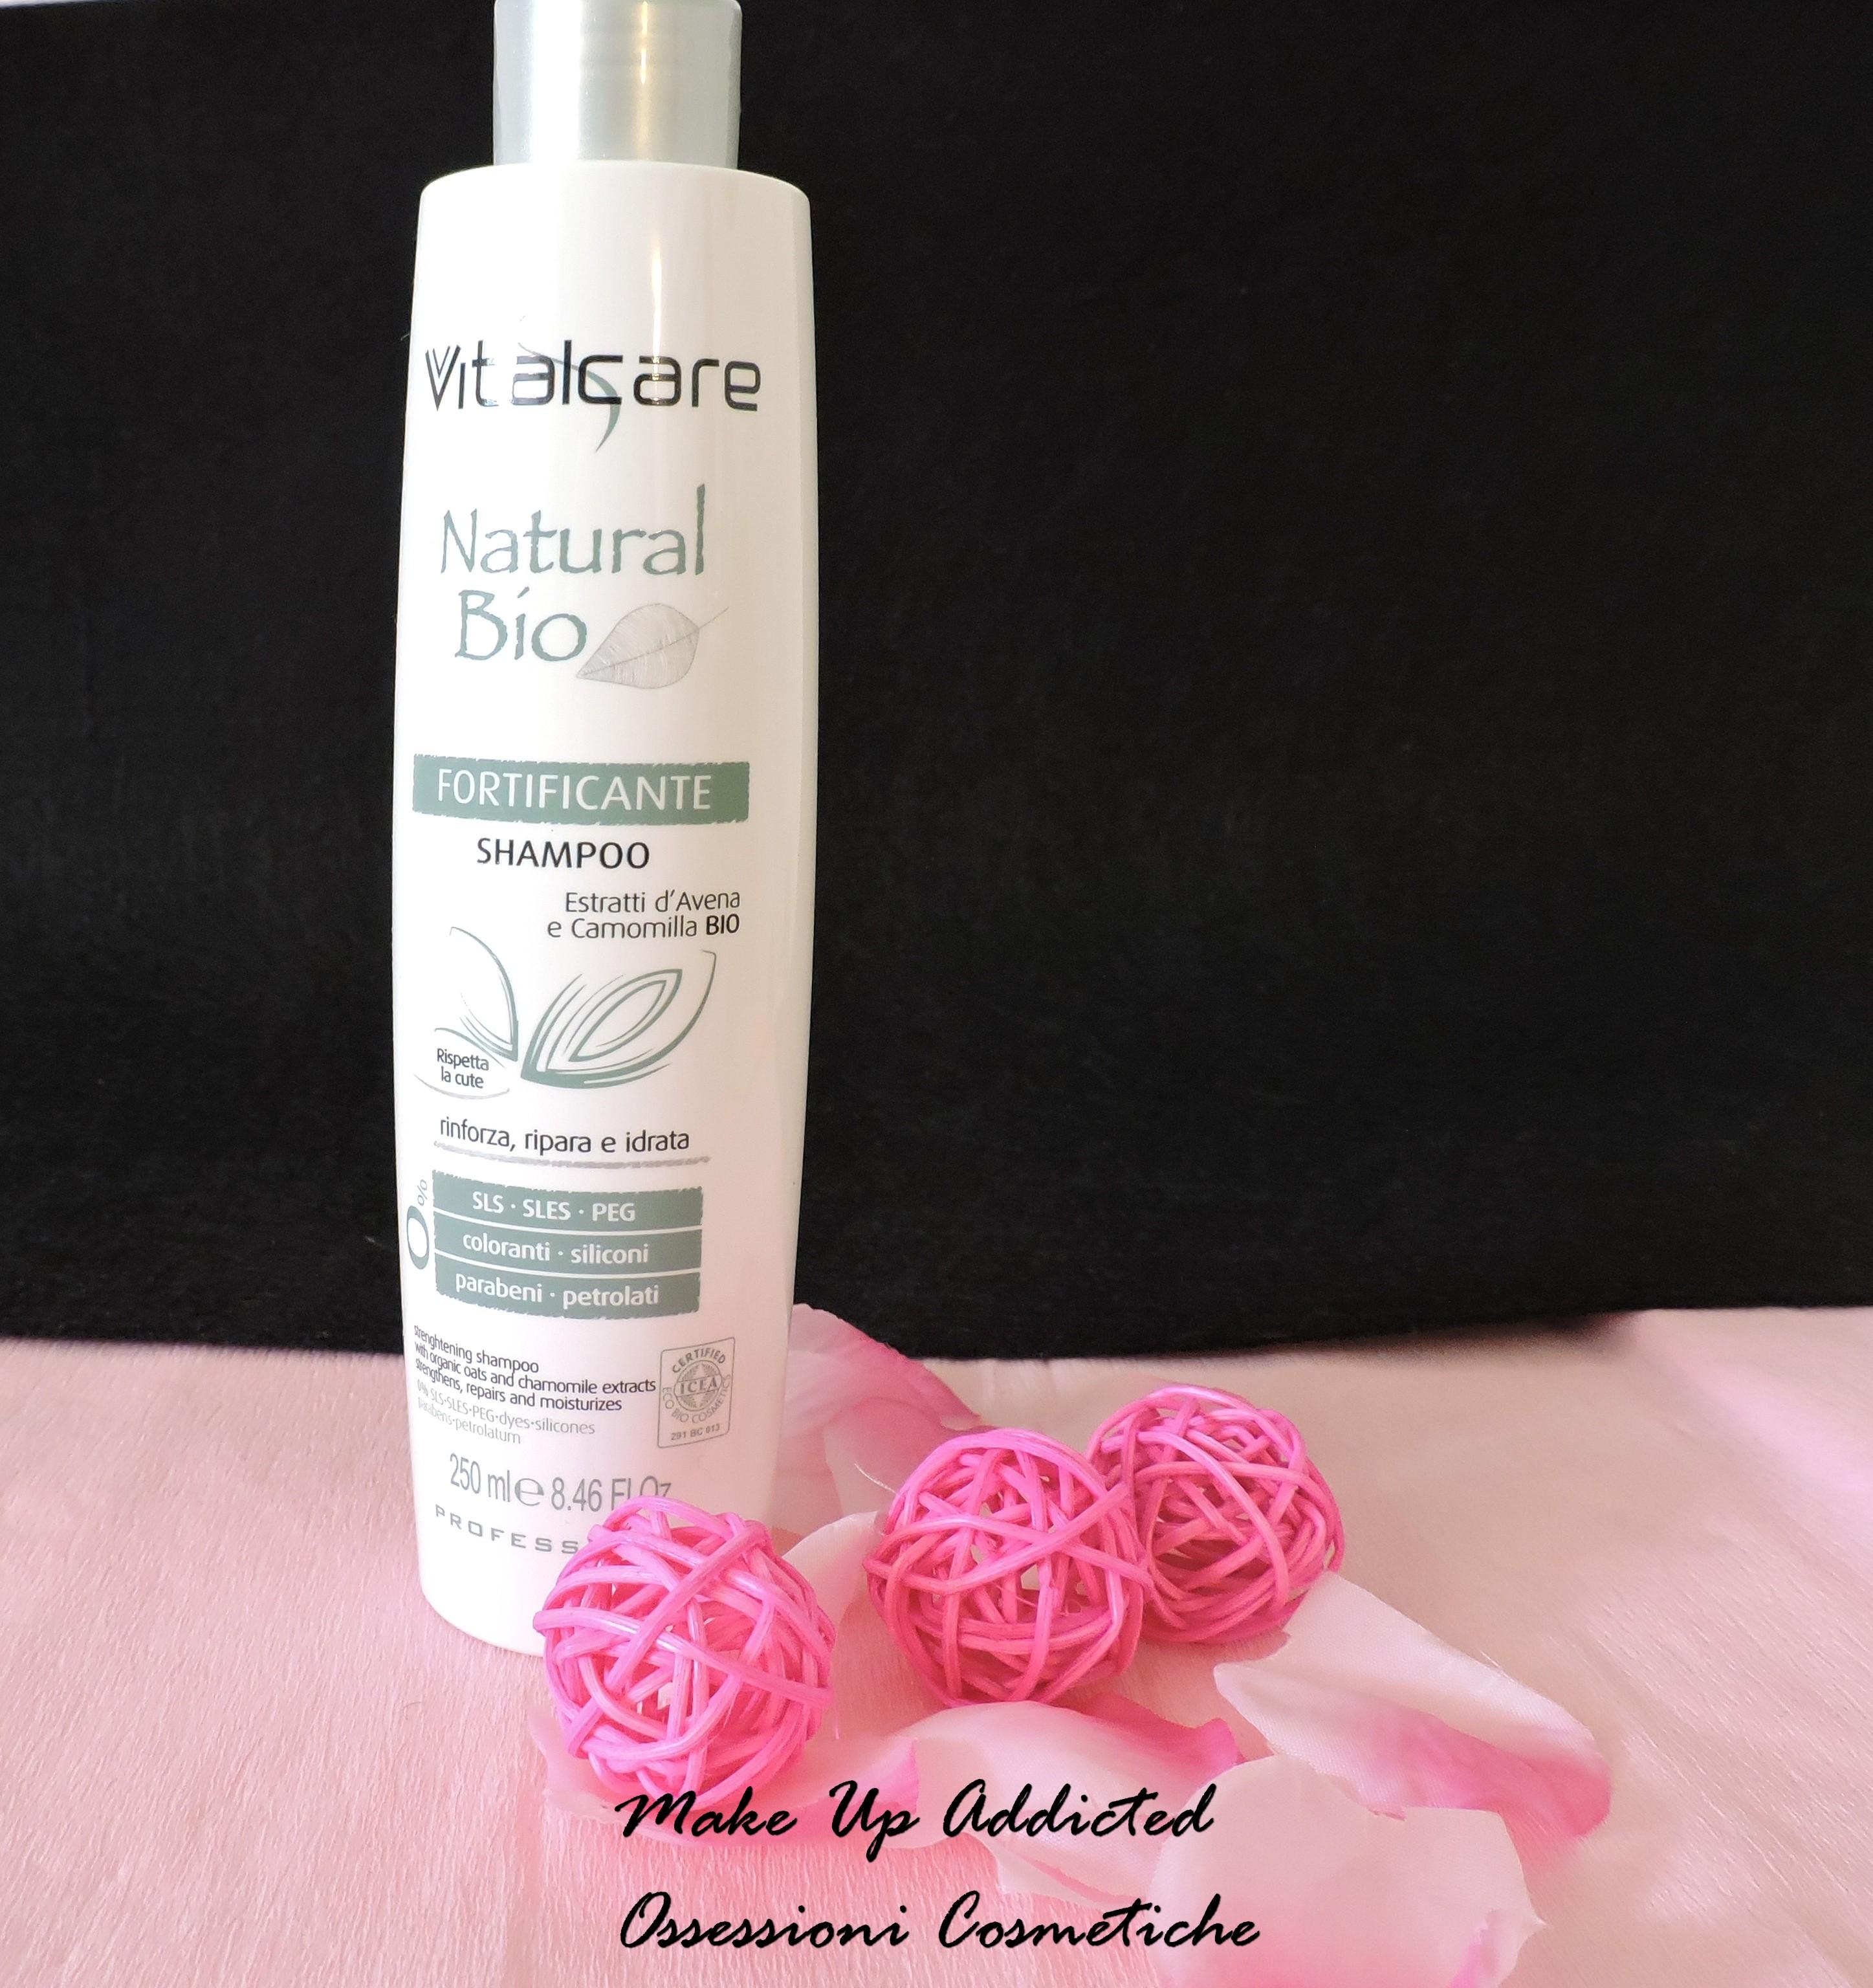 shampoo fortificante vitalcare natural bio